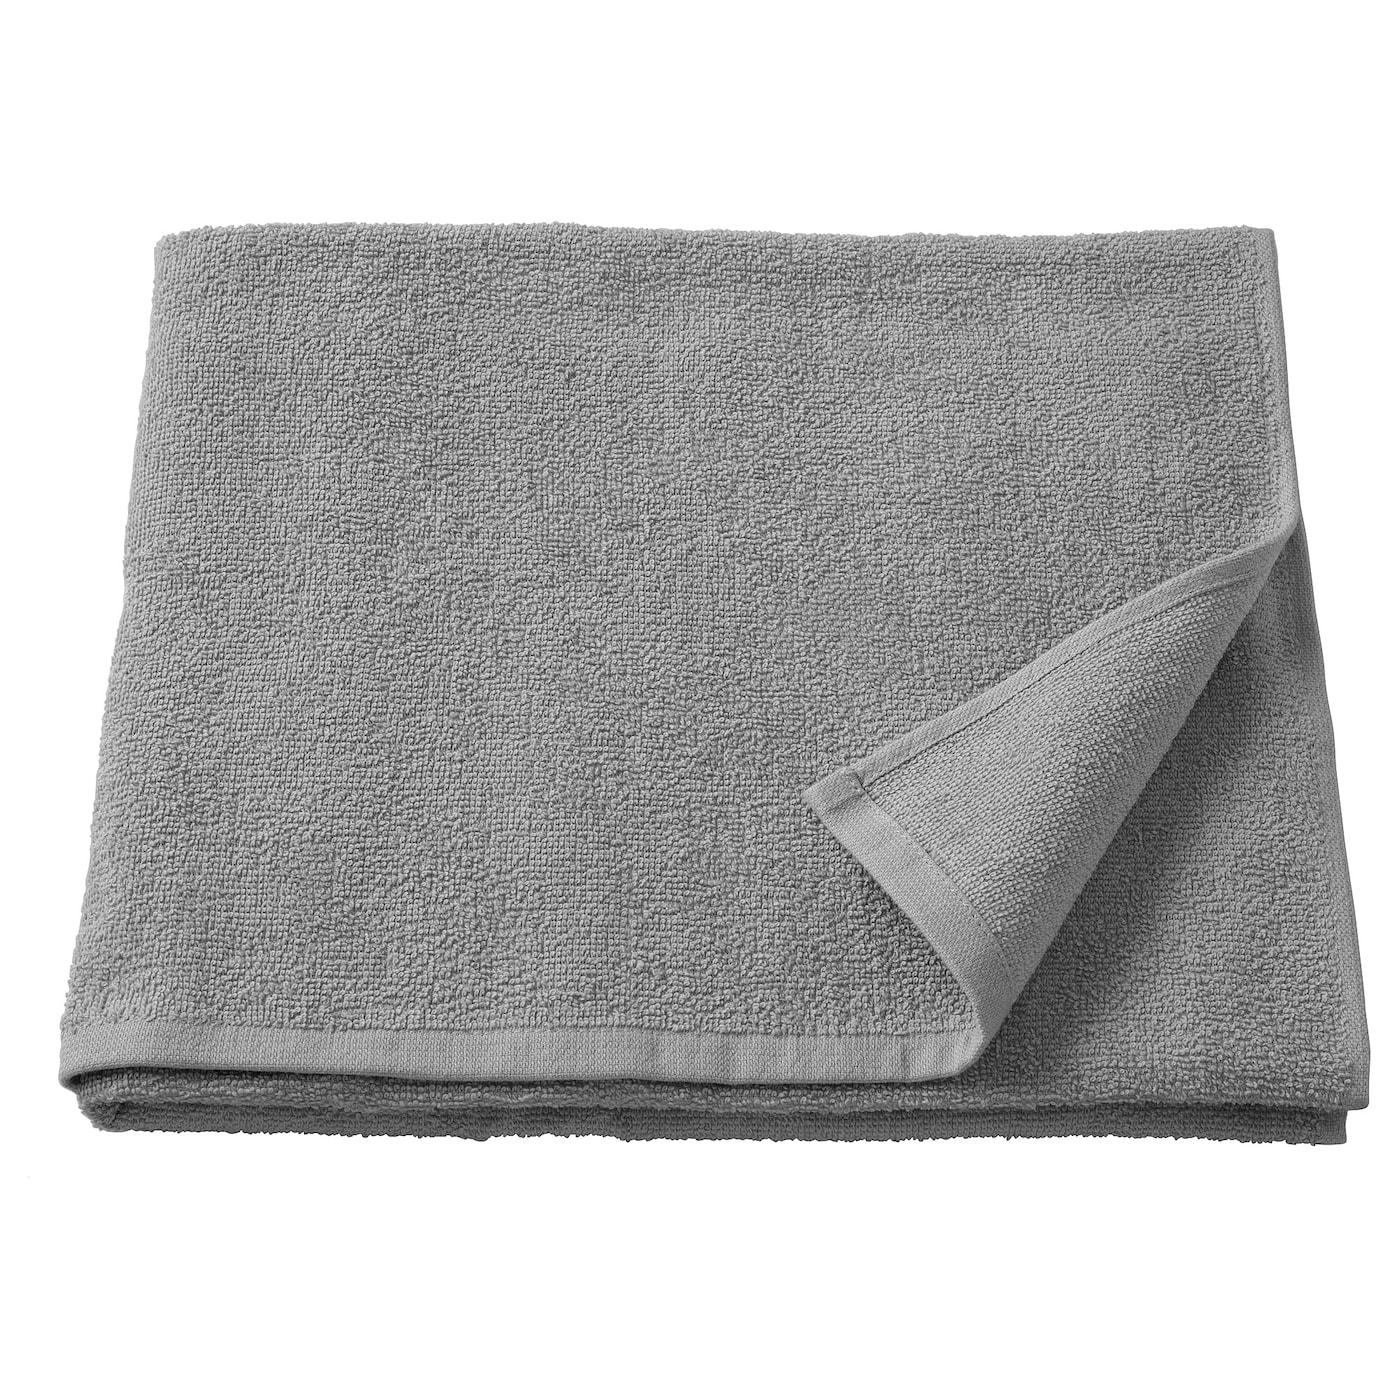 KORNAN Bath towel, grey, 70x140 cm - IKEA